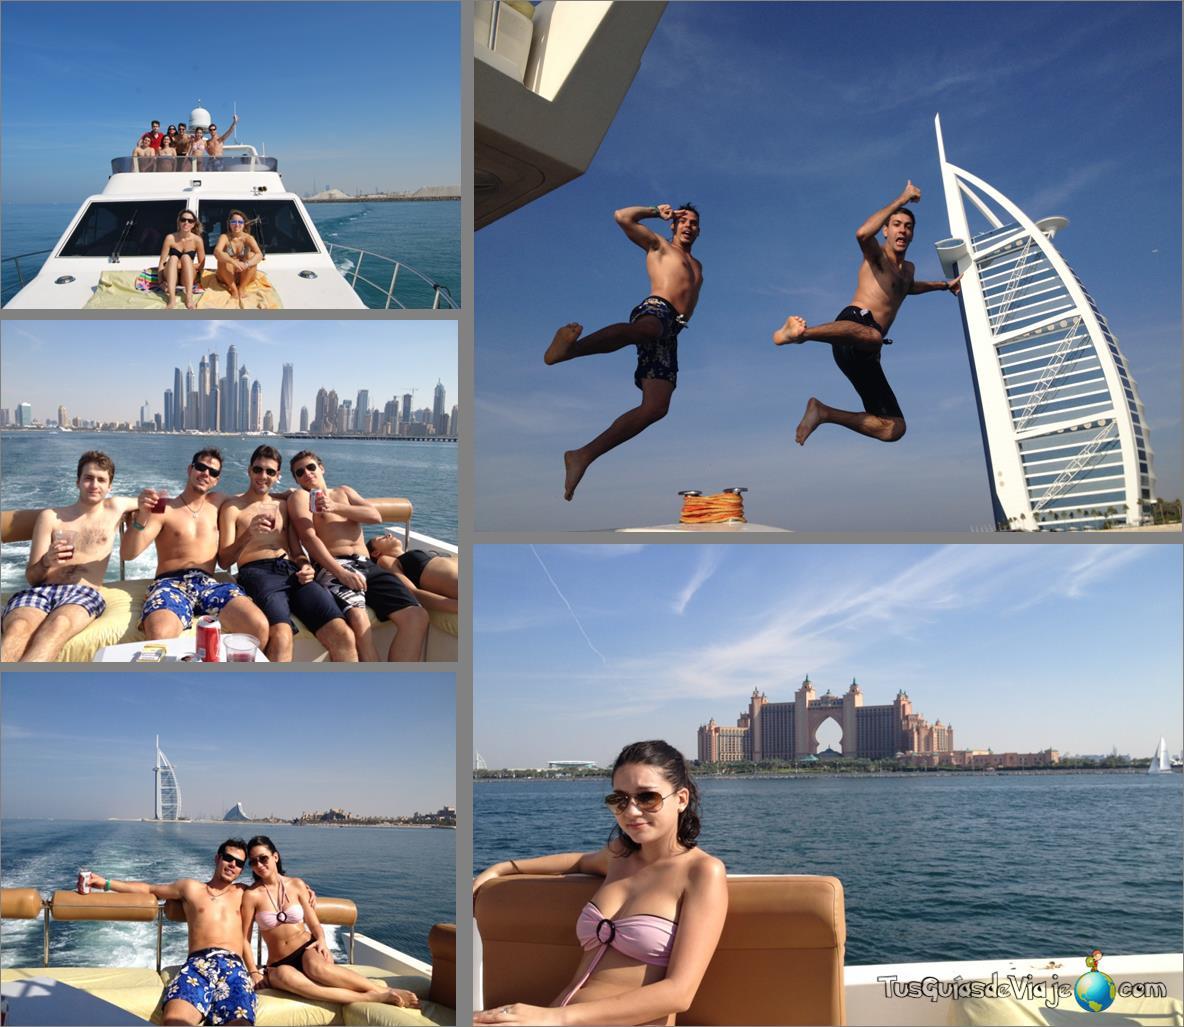 excursión en barco por la palmera Jumeirah viendo el hotel atlantis